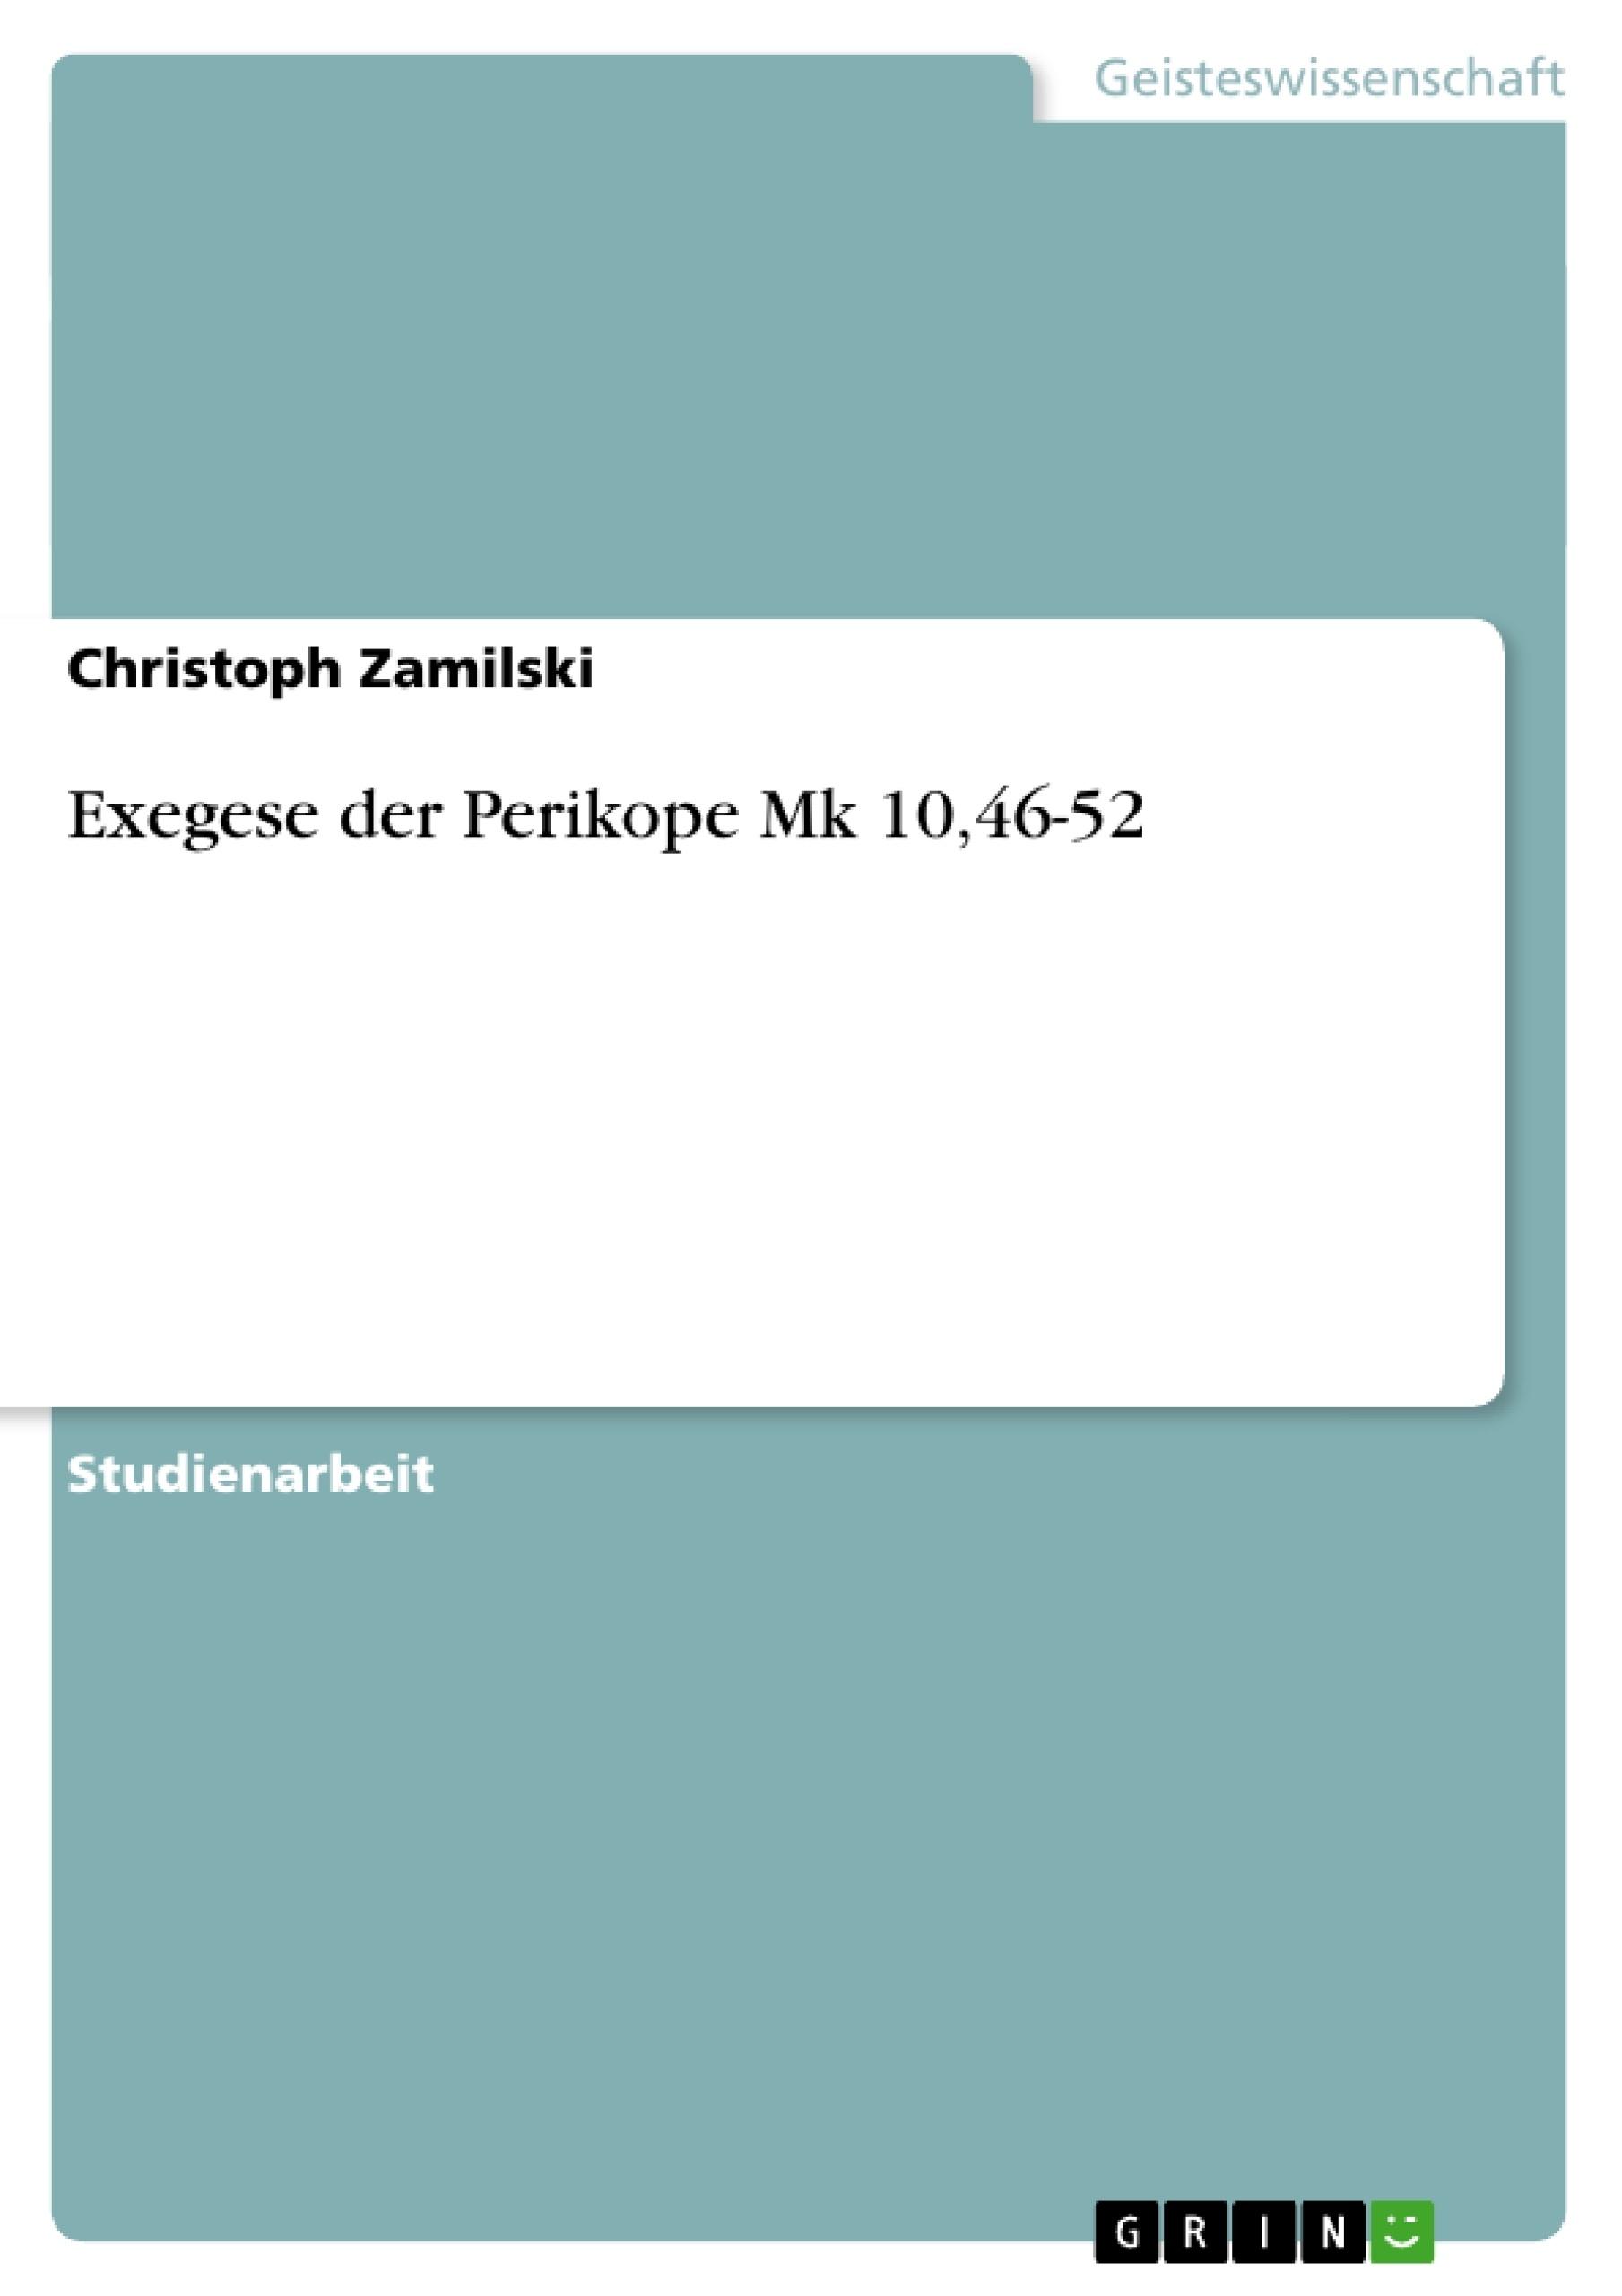 Titel: Exegese der Perikope Mk 10,46-52